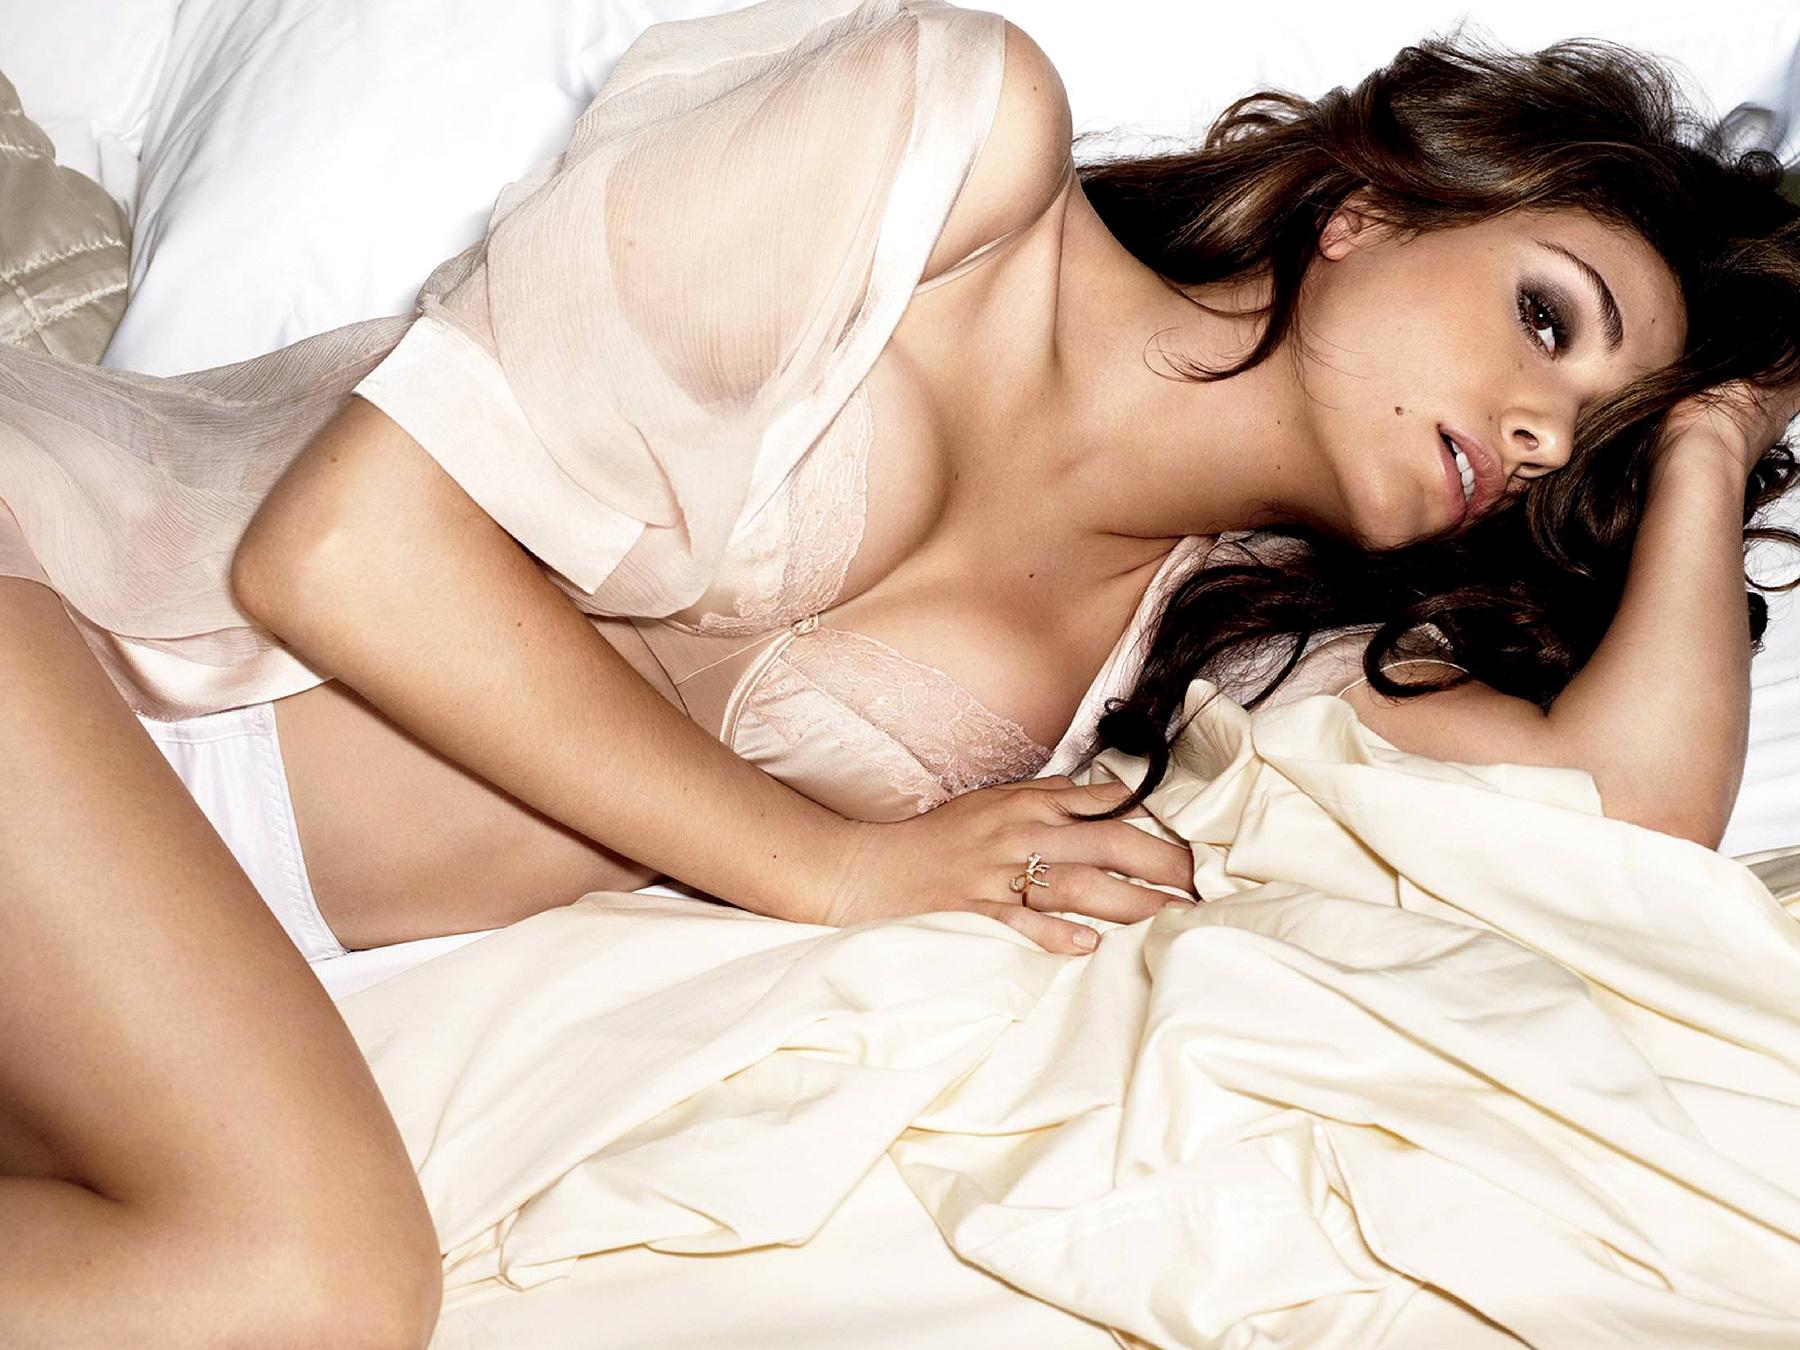 Сексуальные девушки в кровати 6 фотография